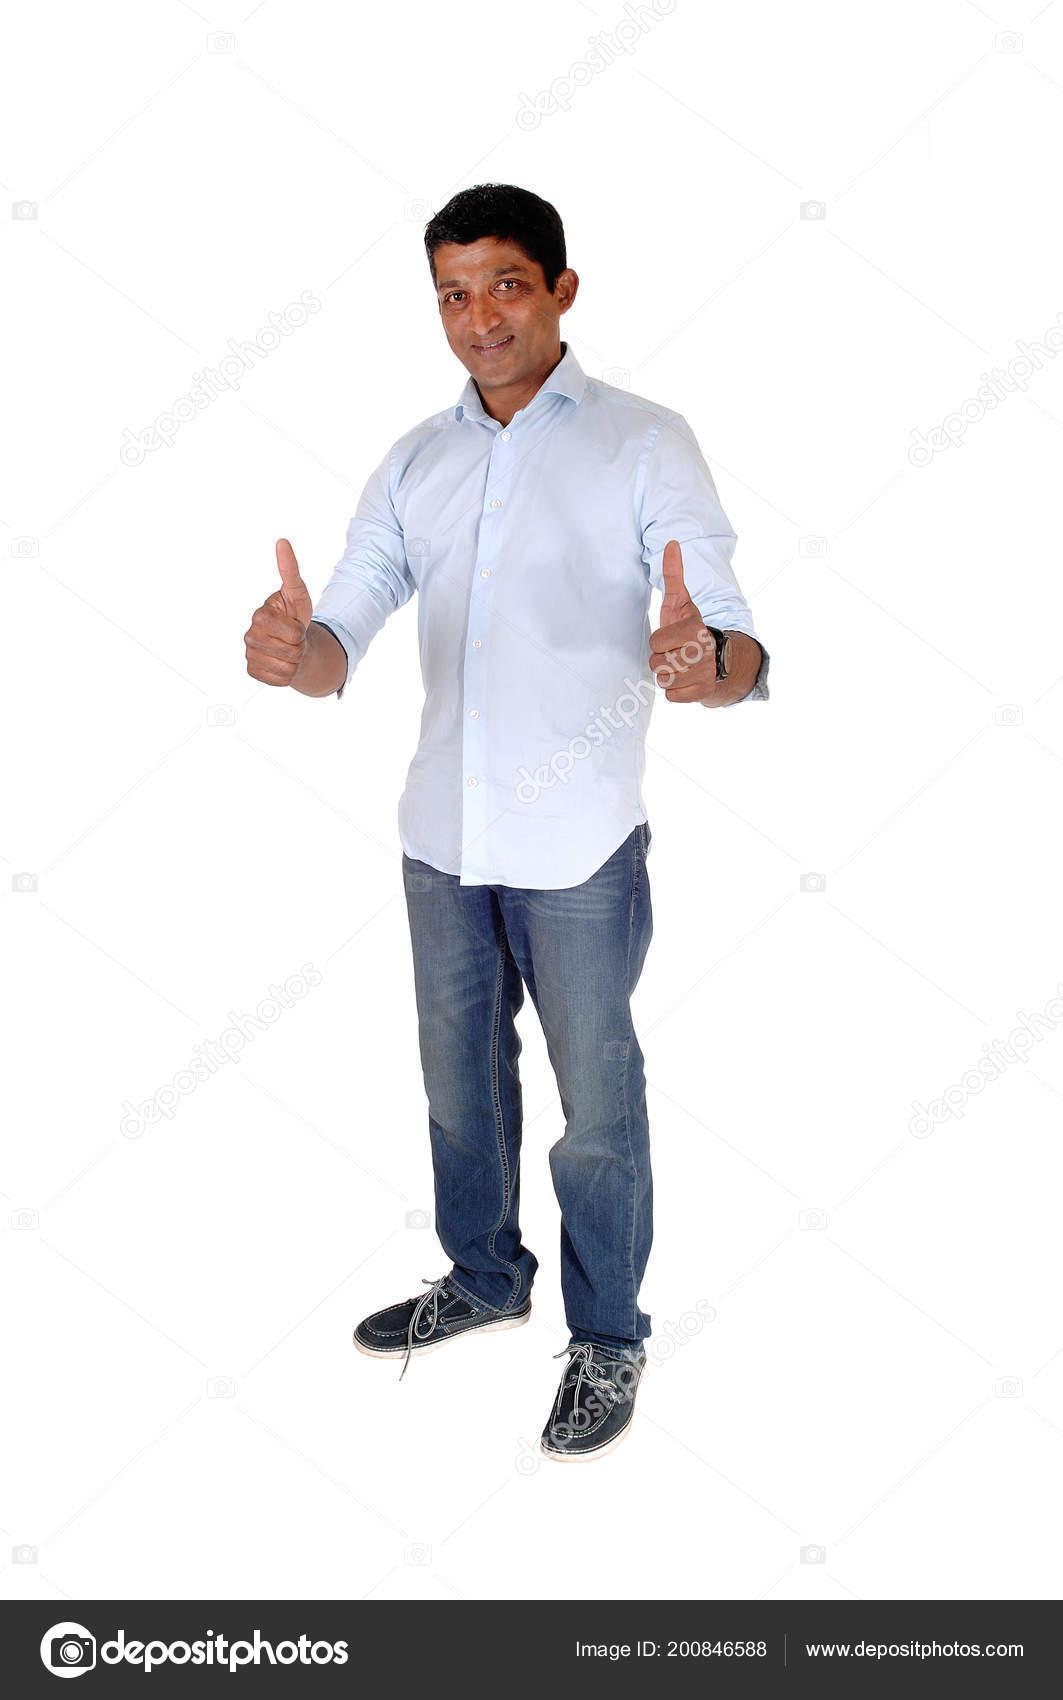 7ba20e396b Immagine Completa Del Corpo Uomo Indiano Orientale Jeans Camicia Blu ...